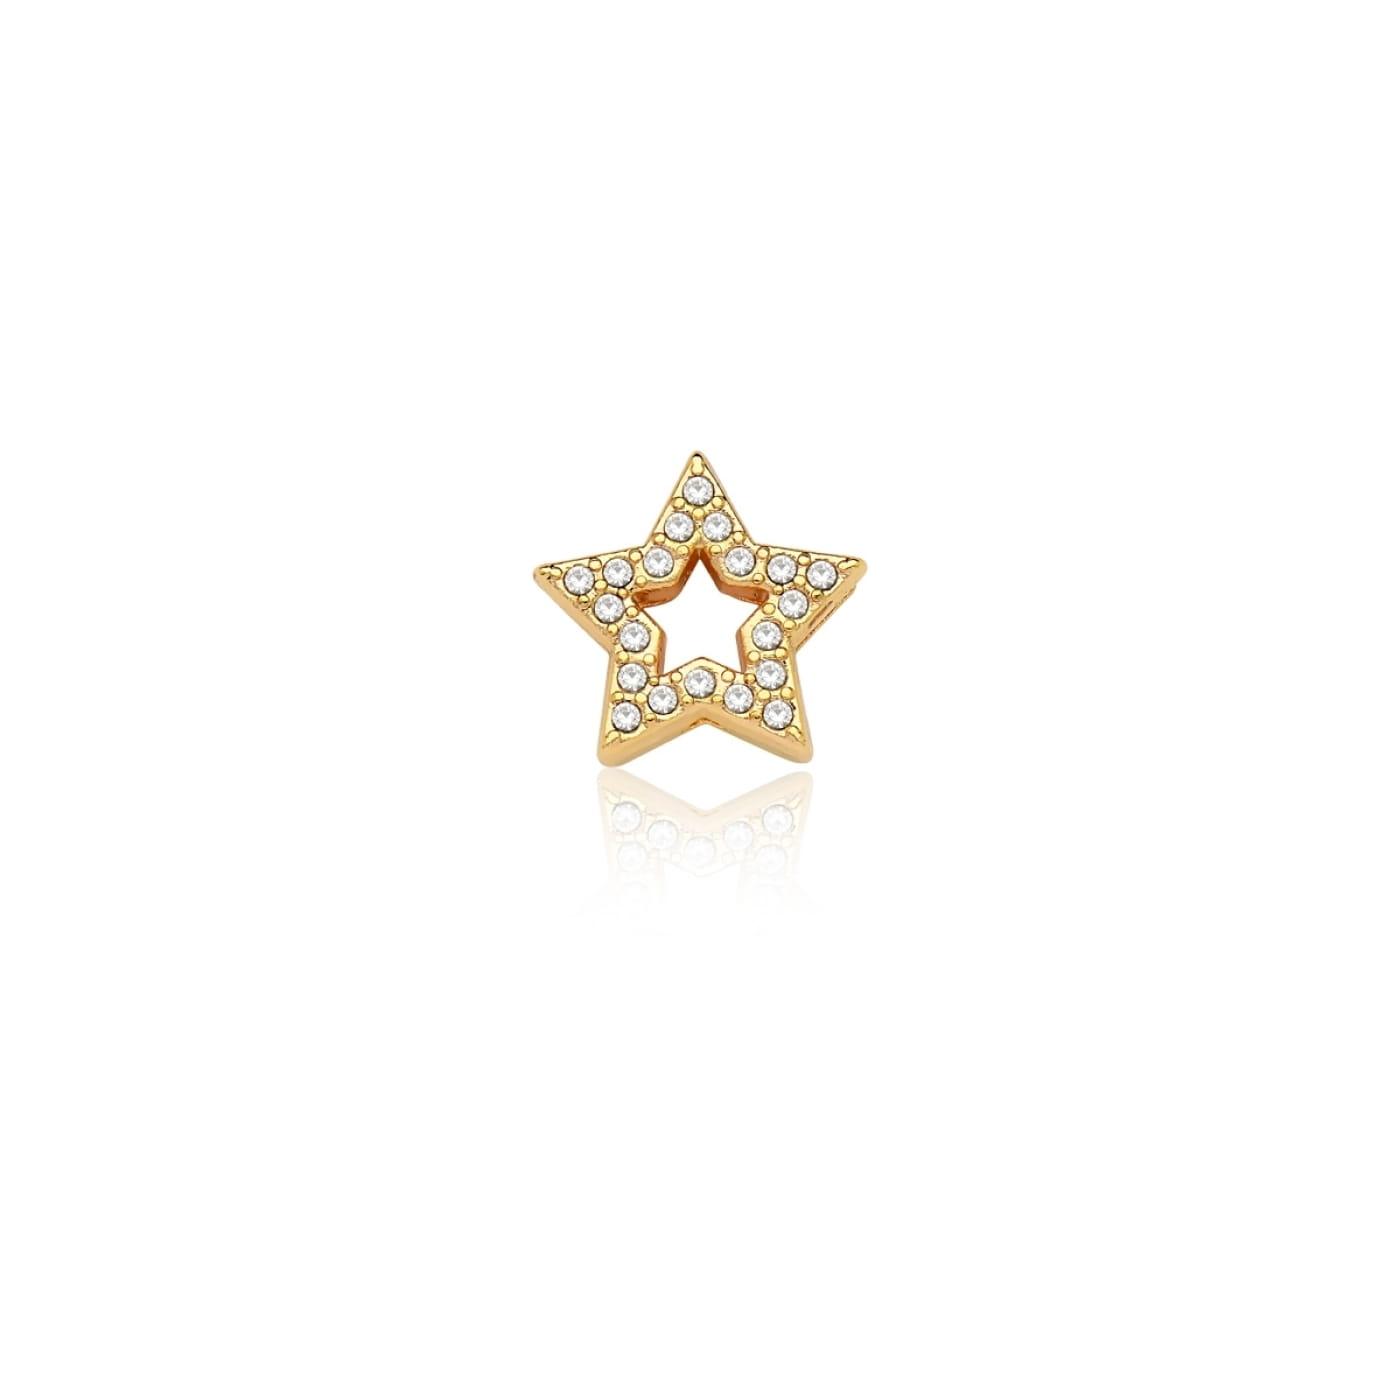 Pingente Esteira de Estrela Vazada com Strass em Aço Dourado